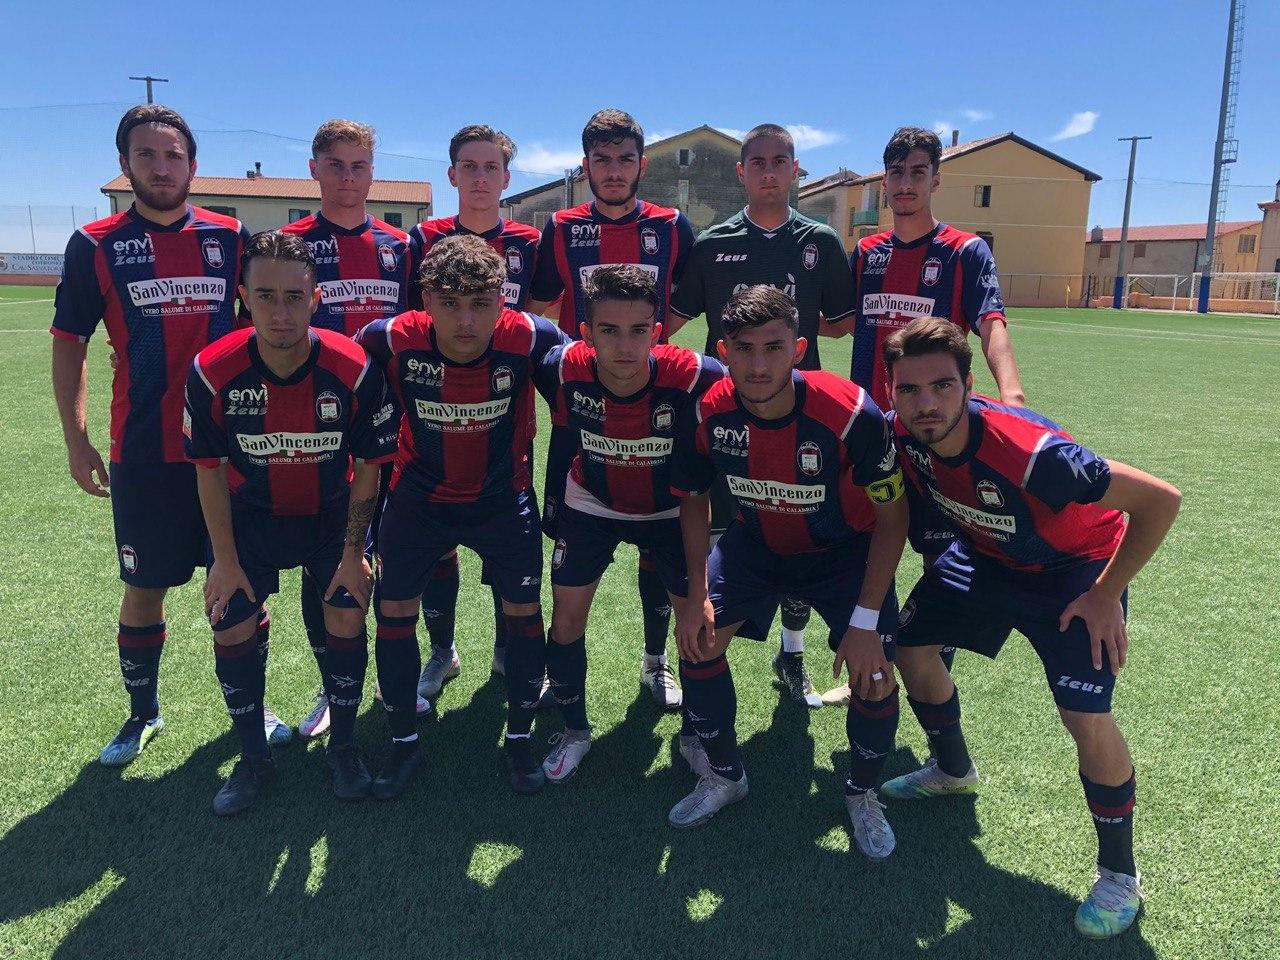 Campionato Primavera 2, 10ª giornata ritorno: Crotone-Lecce 3-5